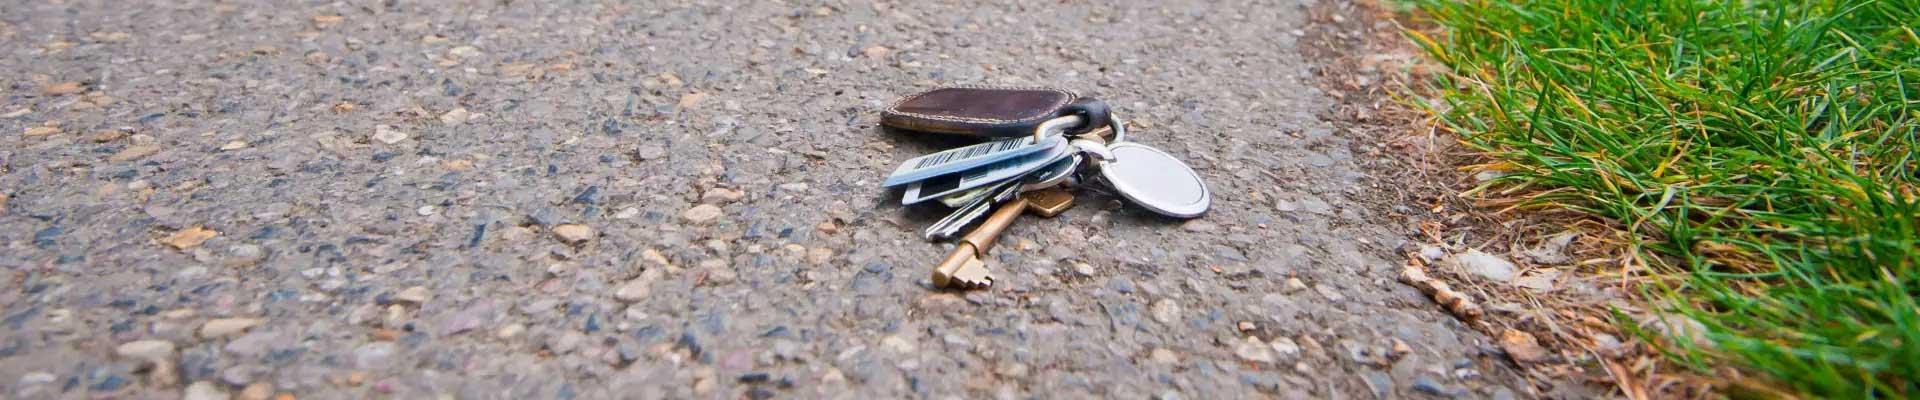 key-care-keys